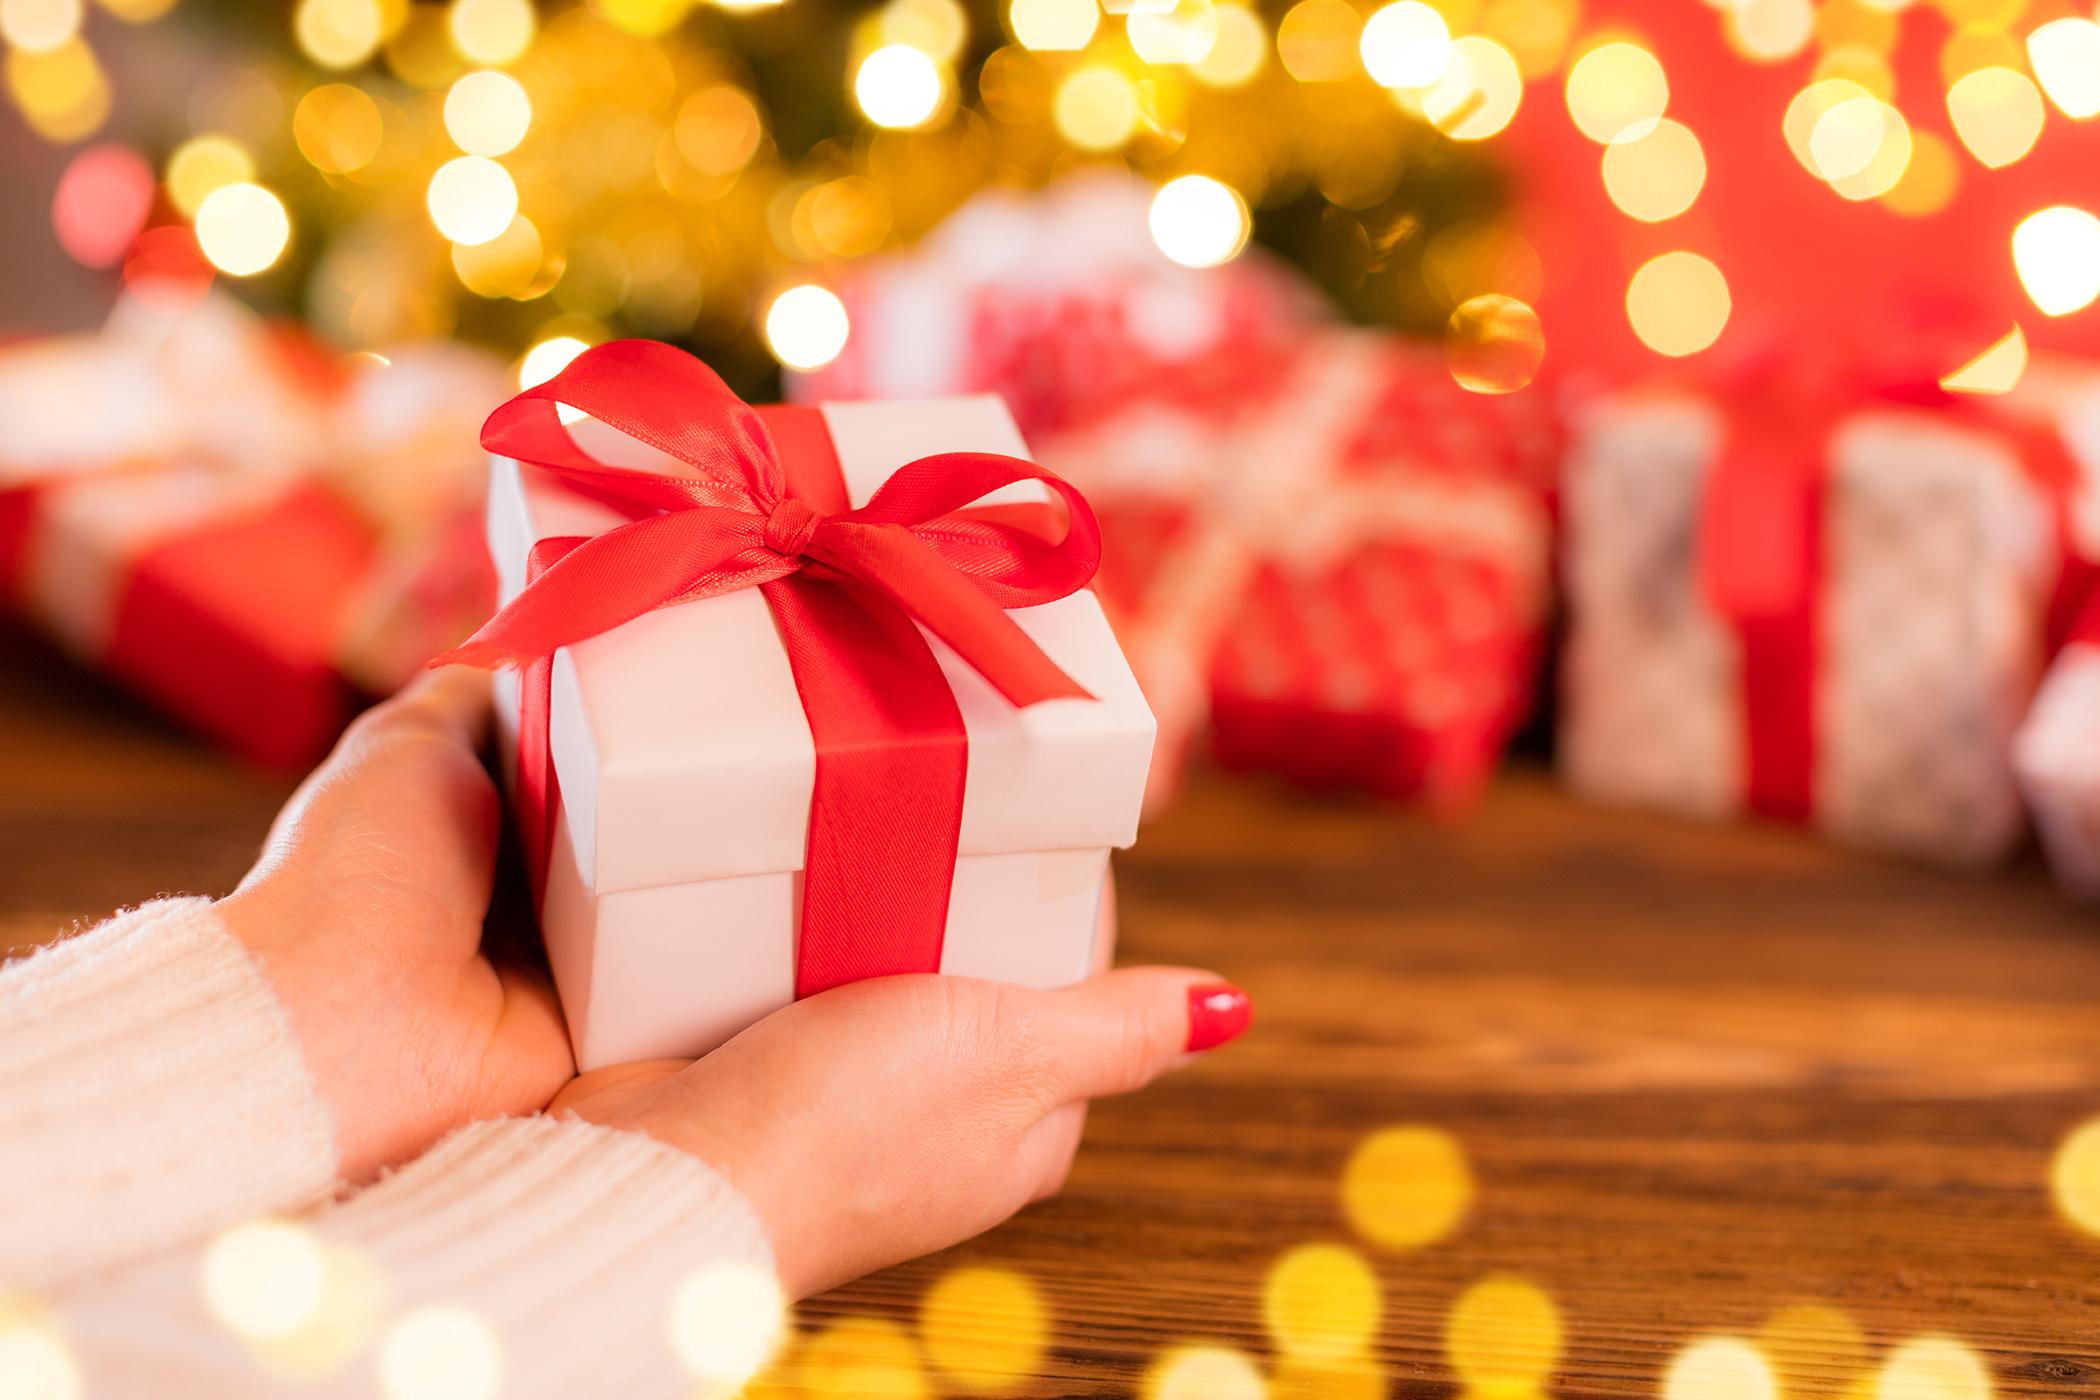 Des idées cadeaux de Noël inattendus | Idee cadeau Original